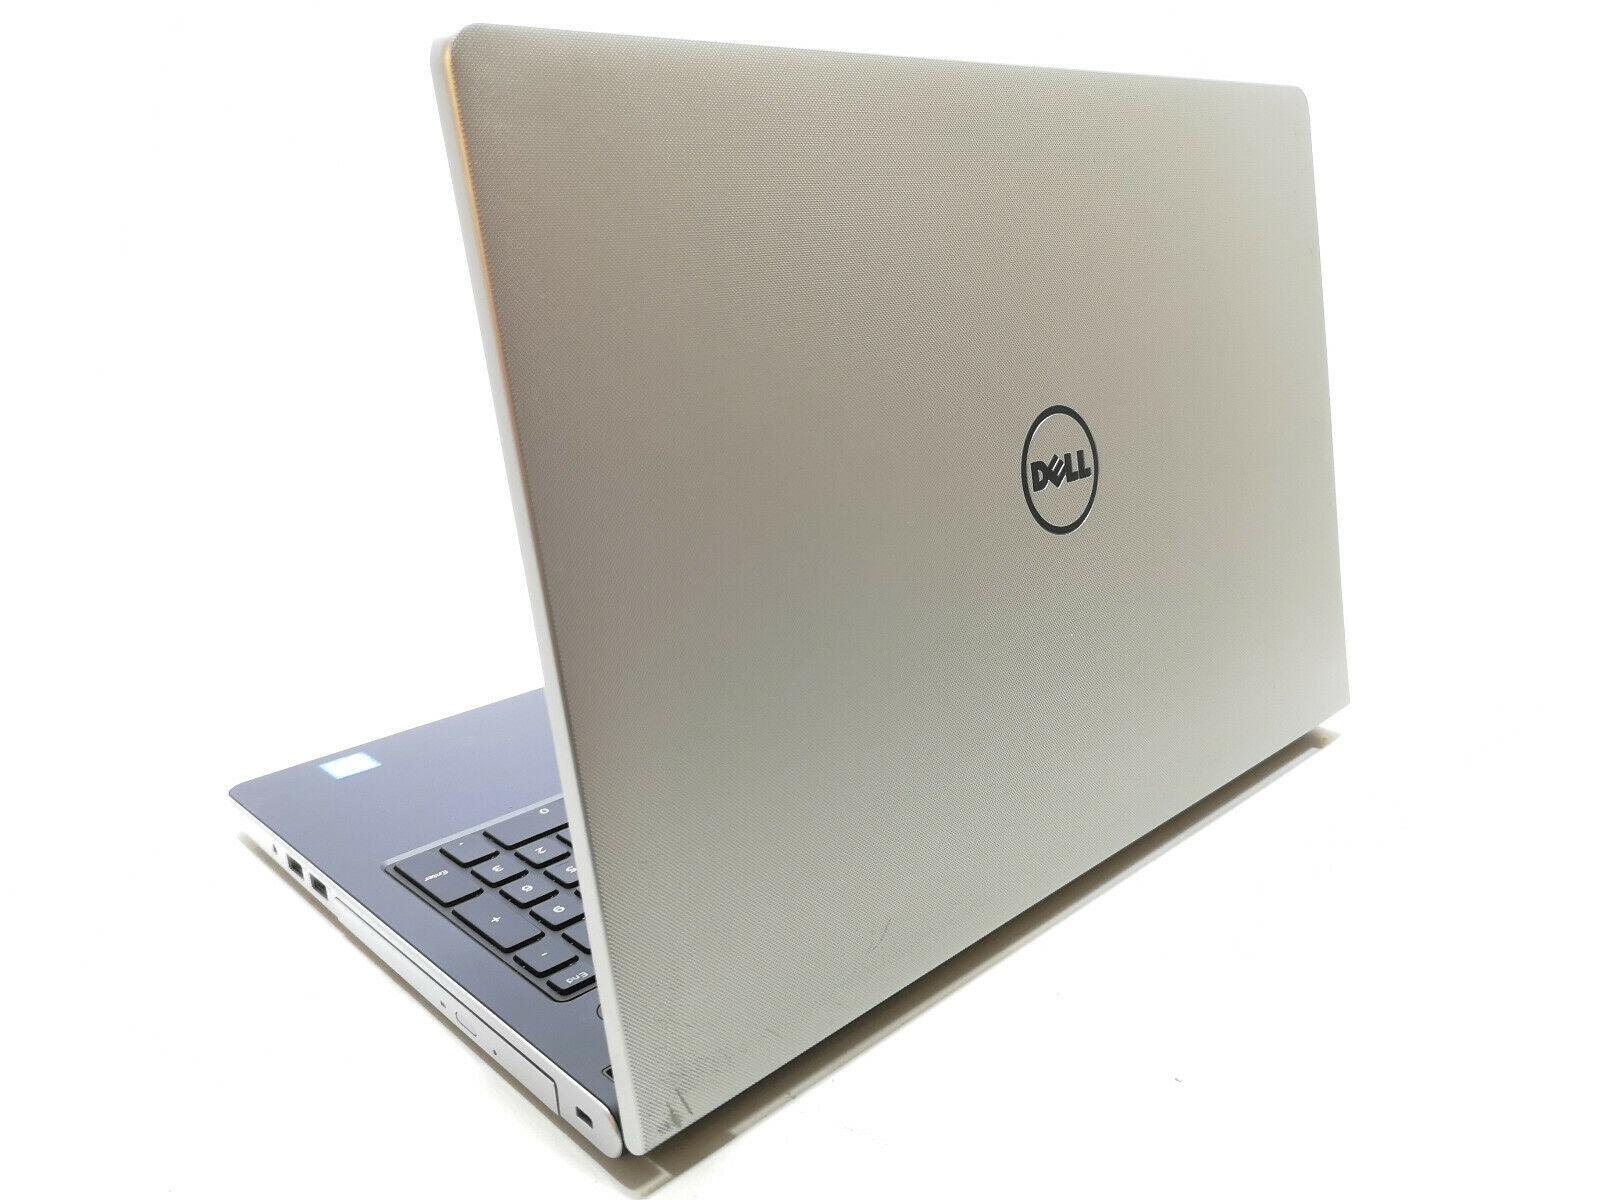 Dell Inspiron 5559 No 6